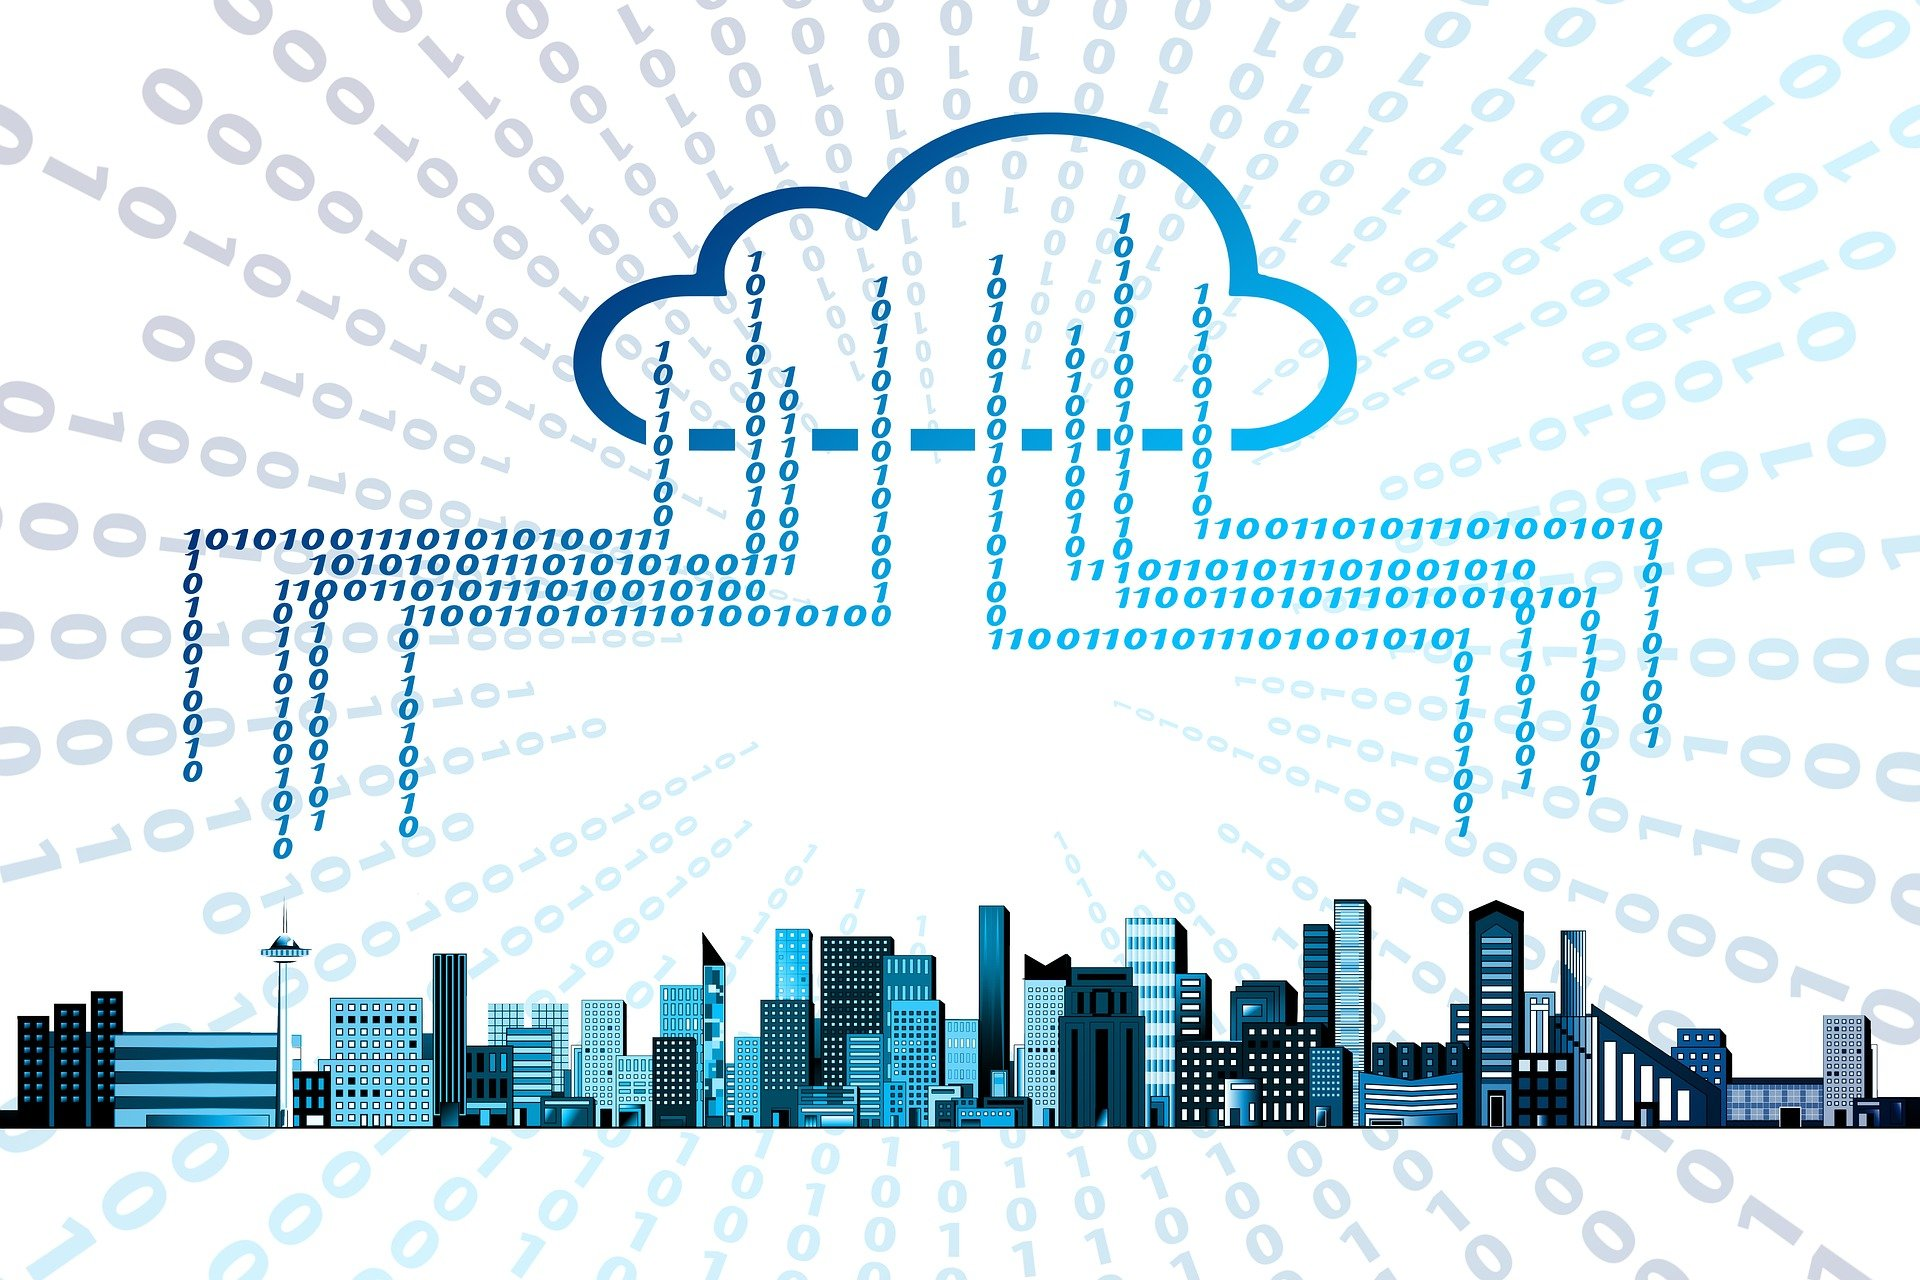 cloud-storage-services